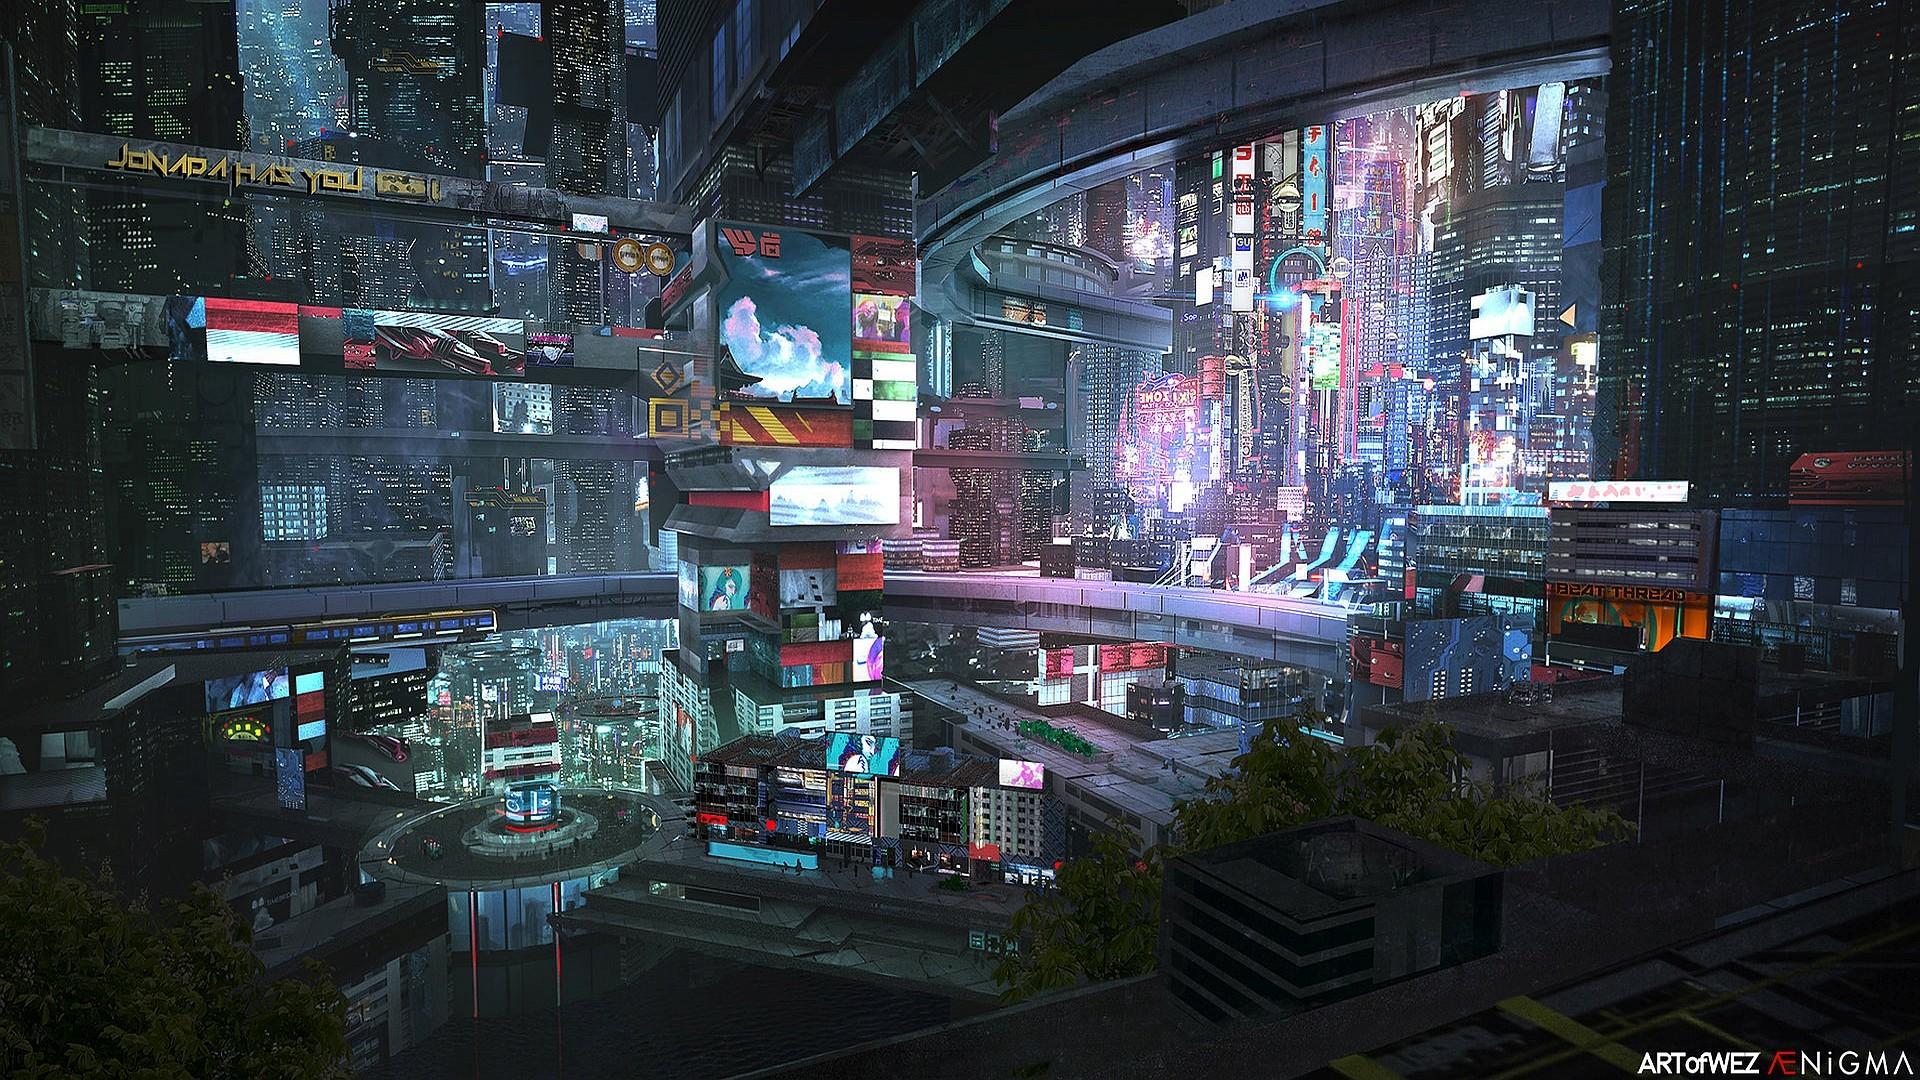 サイバーパンク未来都市 インフォマティック壁紙 768x432 Wallpapertip